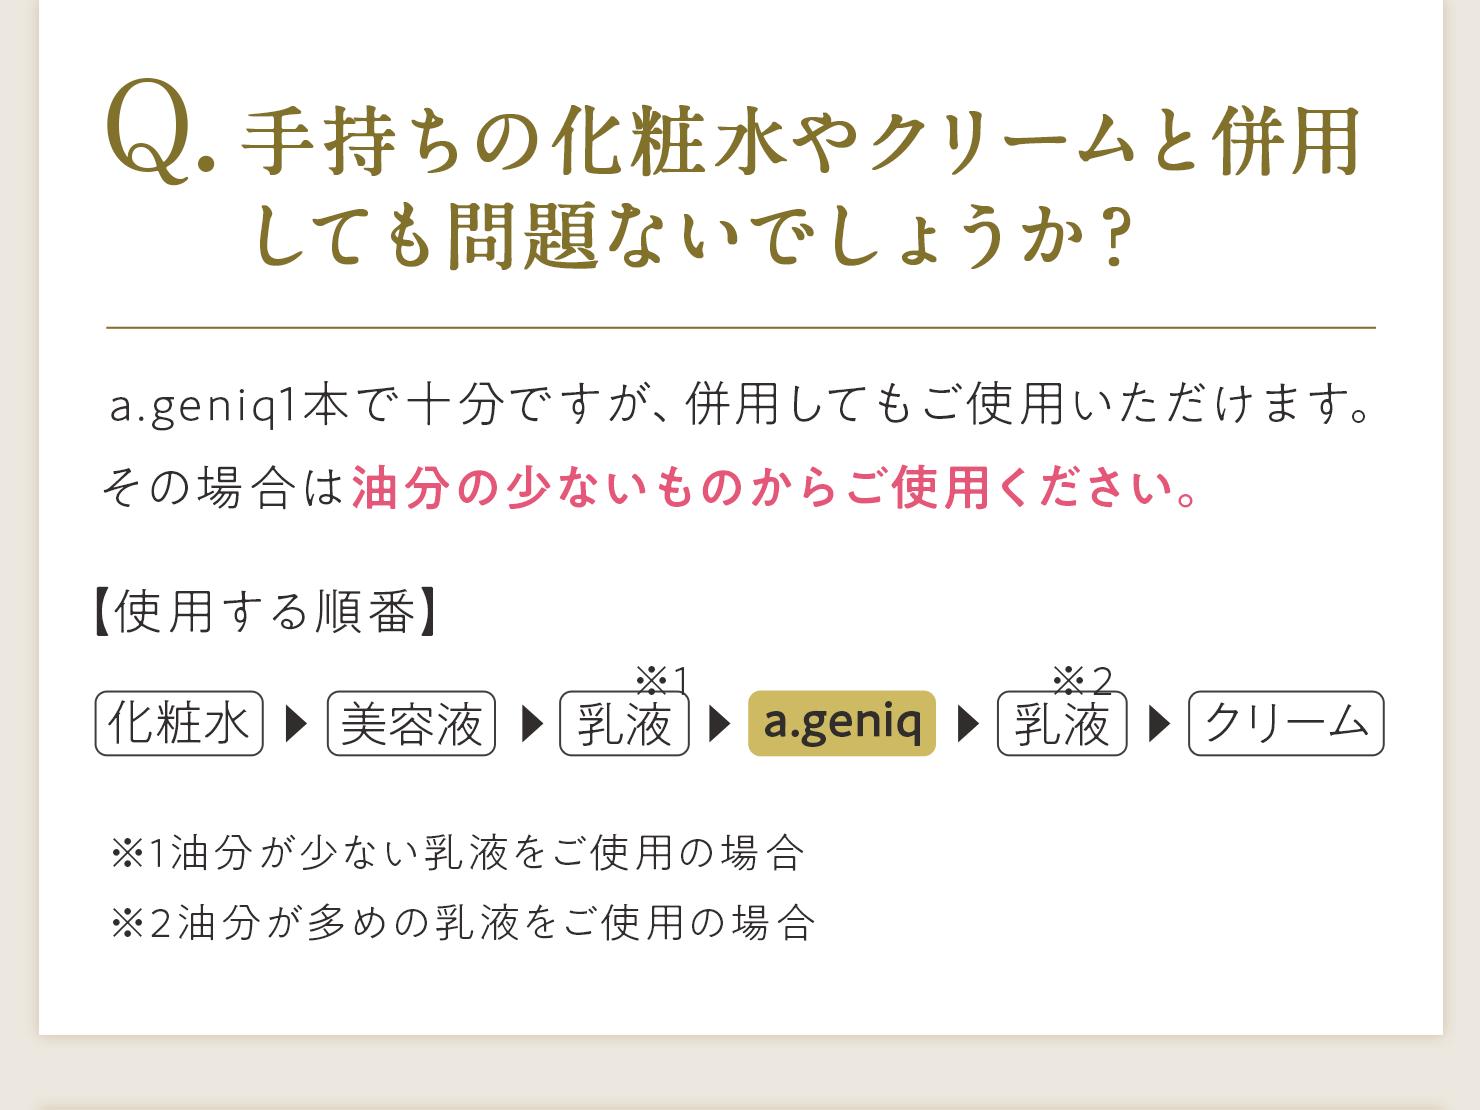 Q.手持ちの化粧水やクリームと併用しても問題ないでしょうか? A.a.geniq1本で十分ですが、併用してもご使用いただけます。その場合は油分の少ないものからご使用ください。【使用する順番】化粧水→美容液→乳液※1→[a.geniq]→乳液※2→クリーム ※1油分が少ない乳液をご使用の場合 ※2油分が多めの乳液をご使用の場合